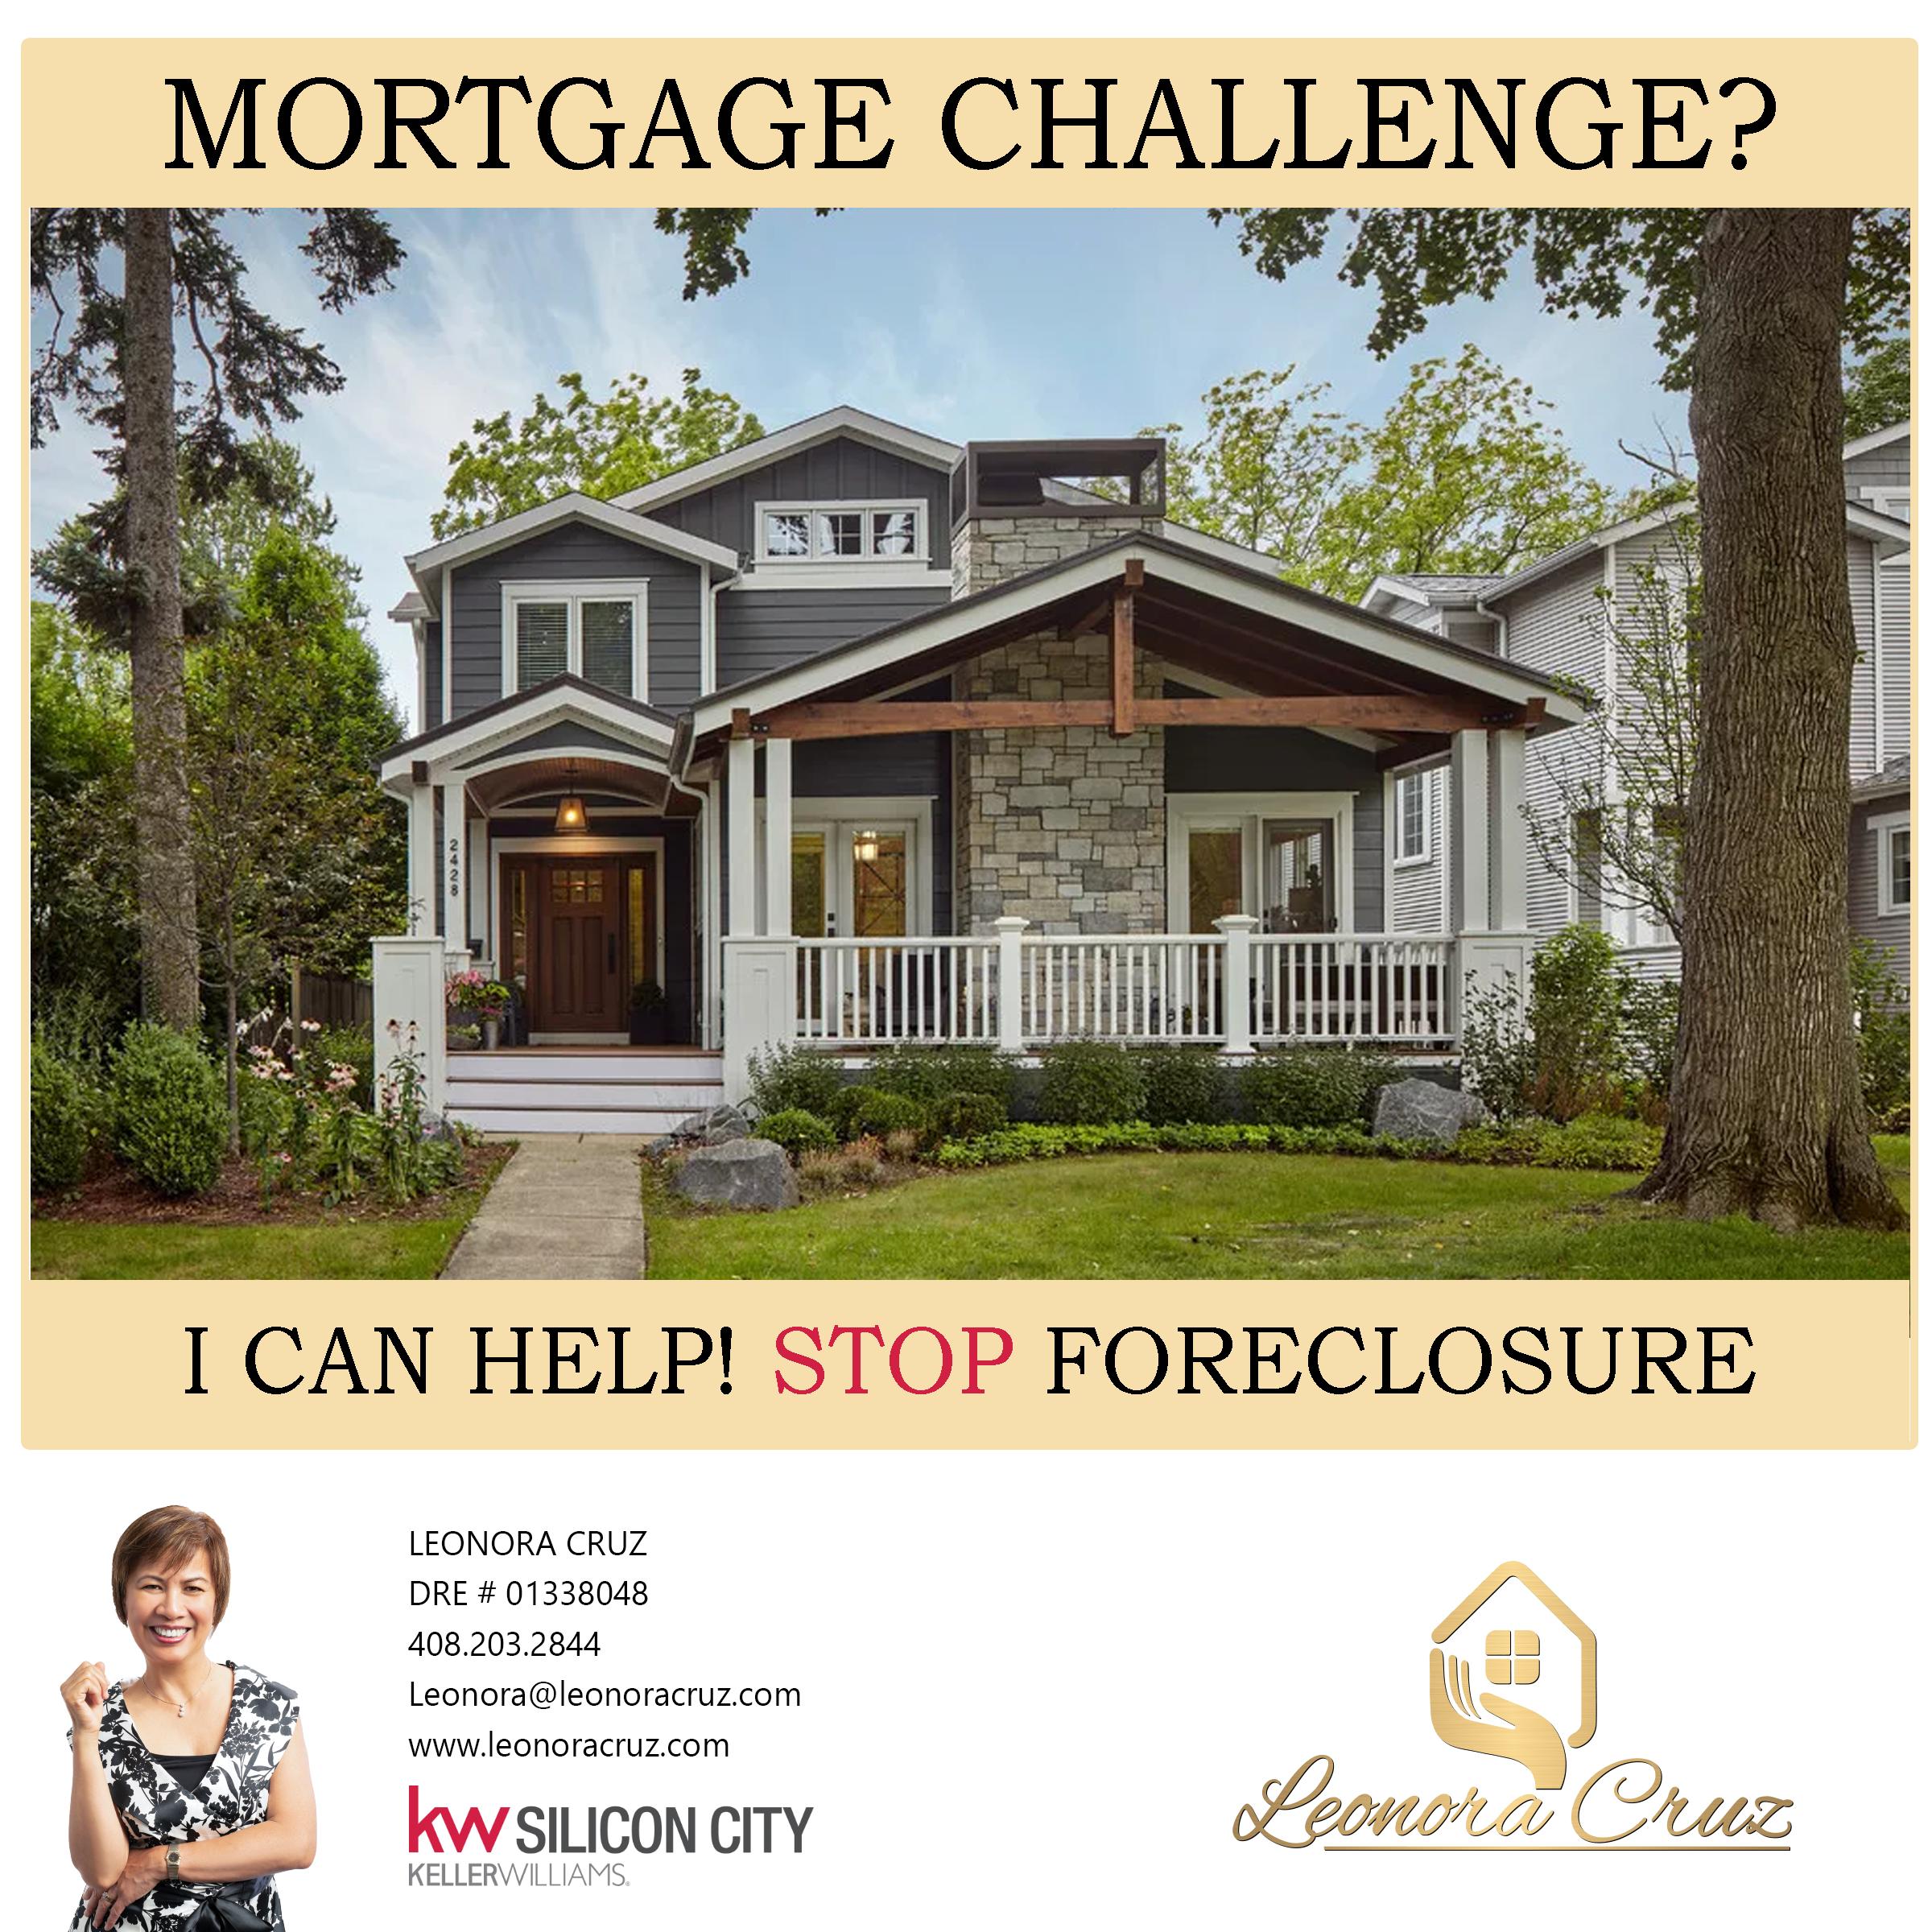 Leonora_Cruz_Stop_Foreclosure_2